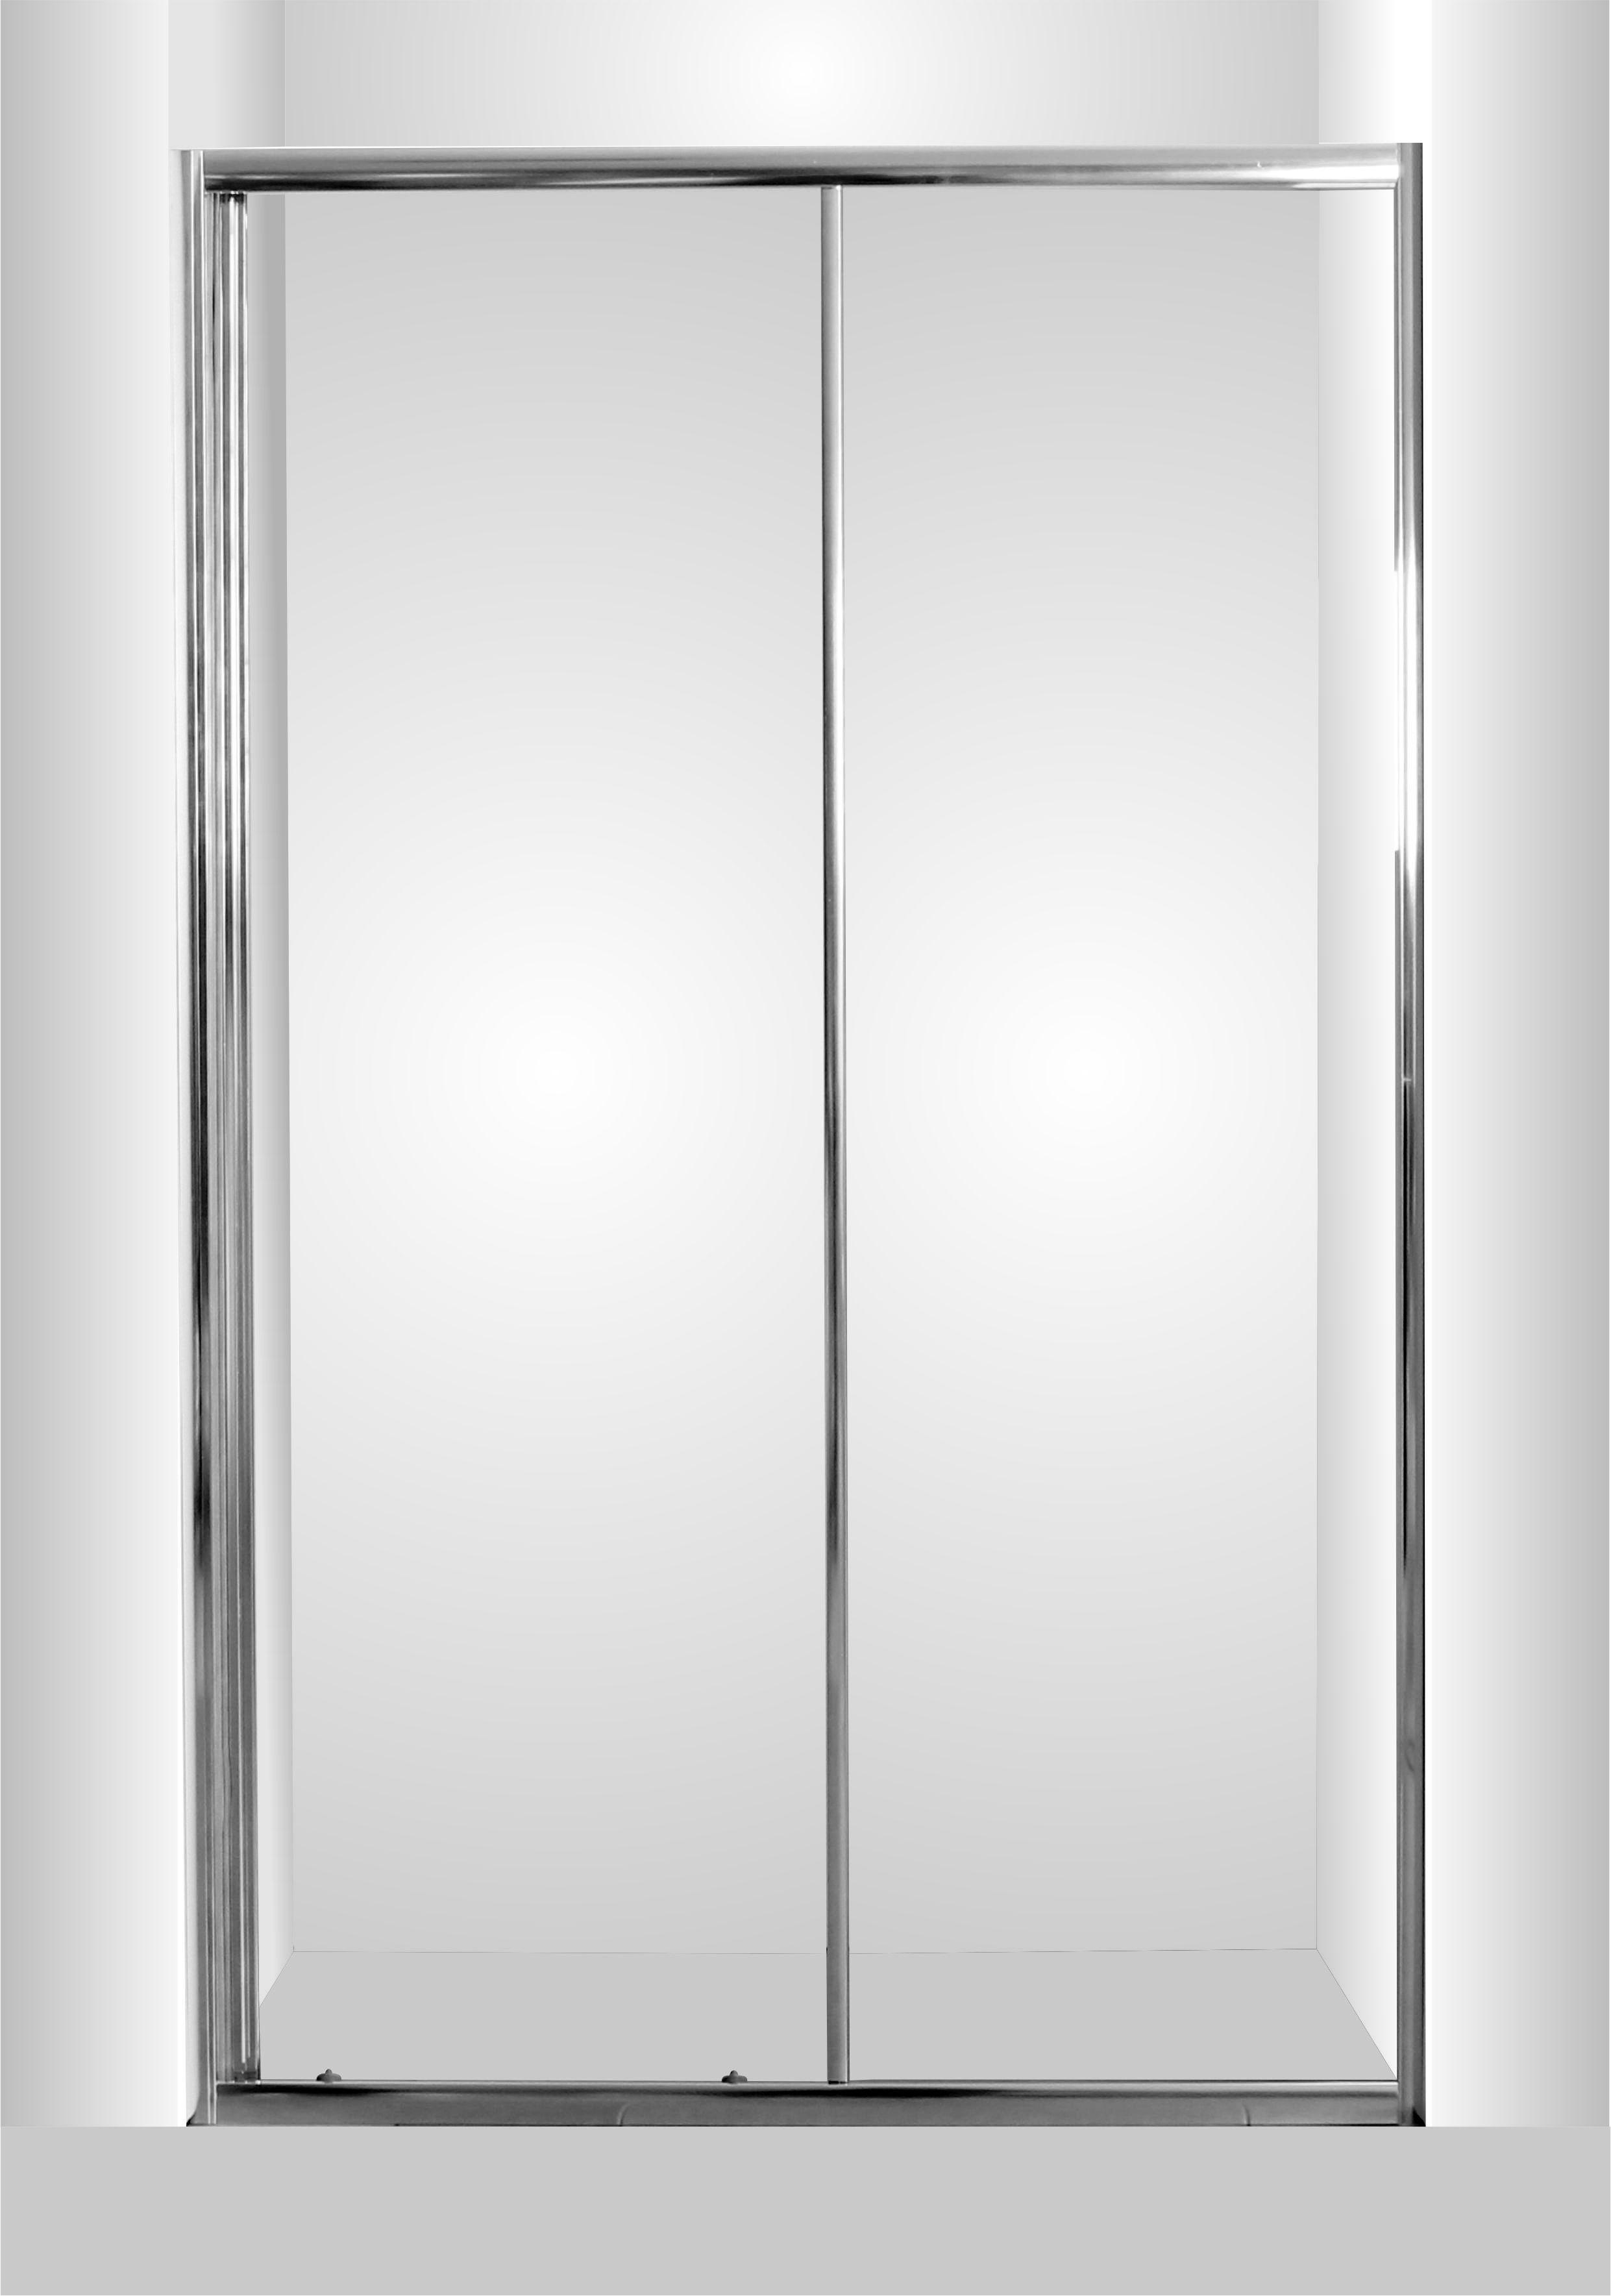 HOPA - Sprchové dveře do niky SMART - SELVA - Barva rámu zástěny - Hliník chrom, Rozměr A - 150 cm, Směr zavírání - Univerzální Levé / Pravé, Výplň - Čiré bezpečnostní sklo - 4 / 6 mm (OLBSEL15CCBV)